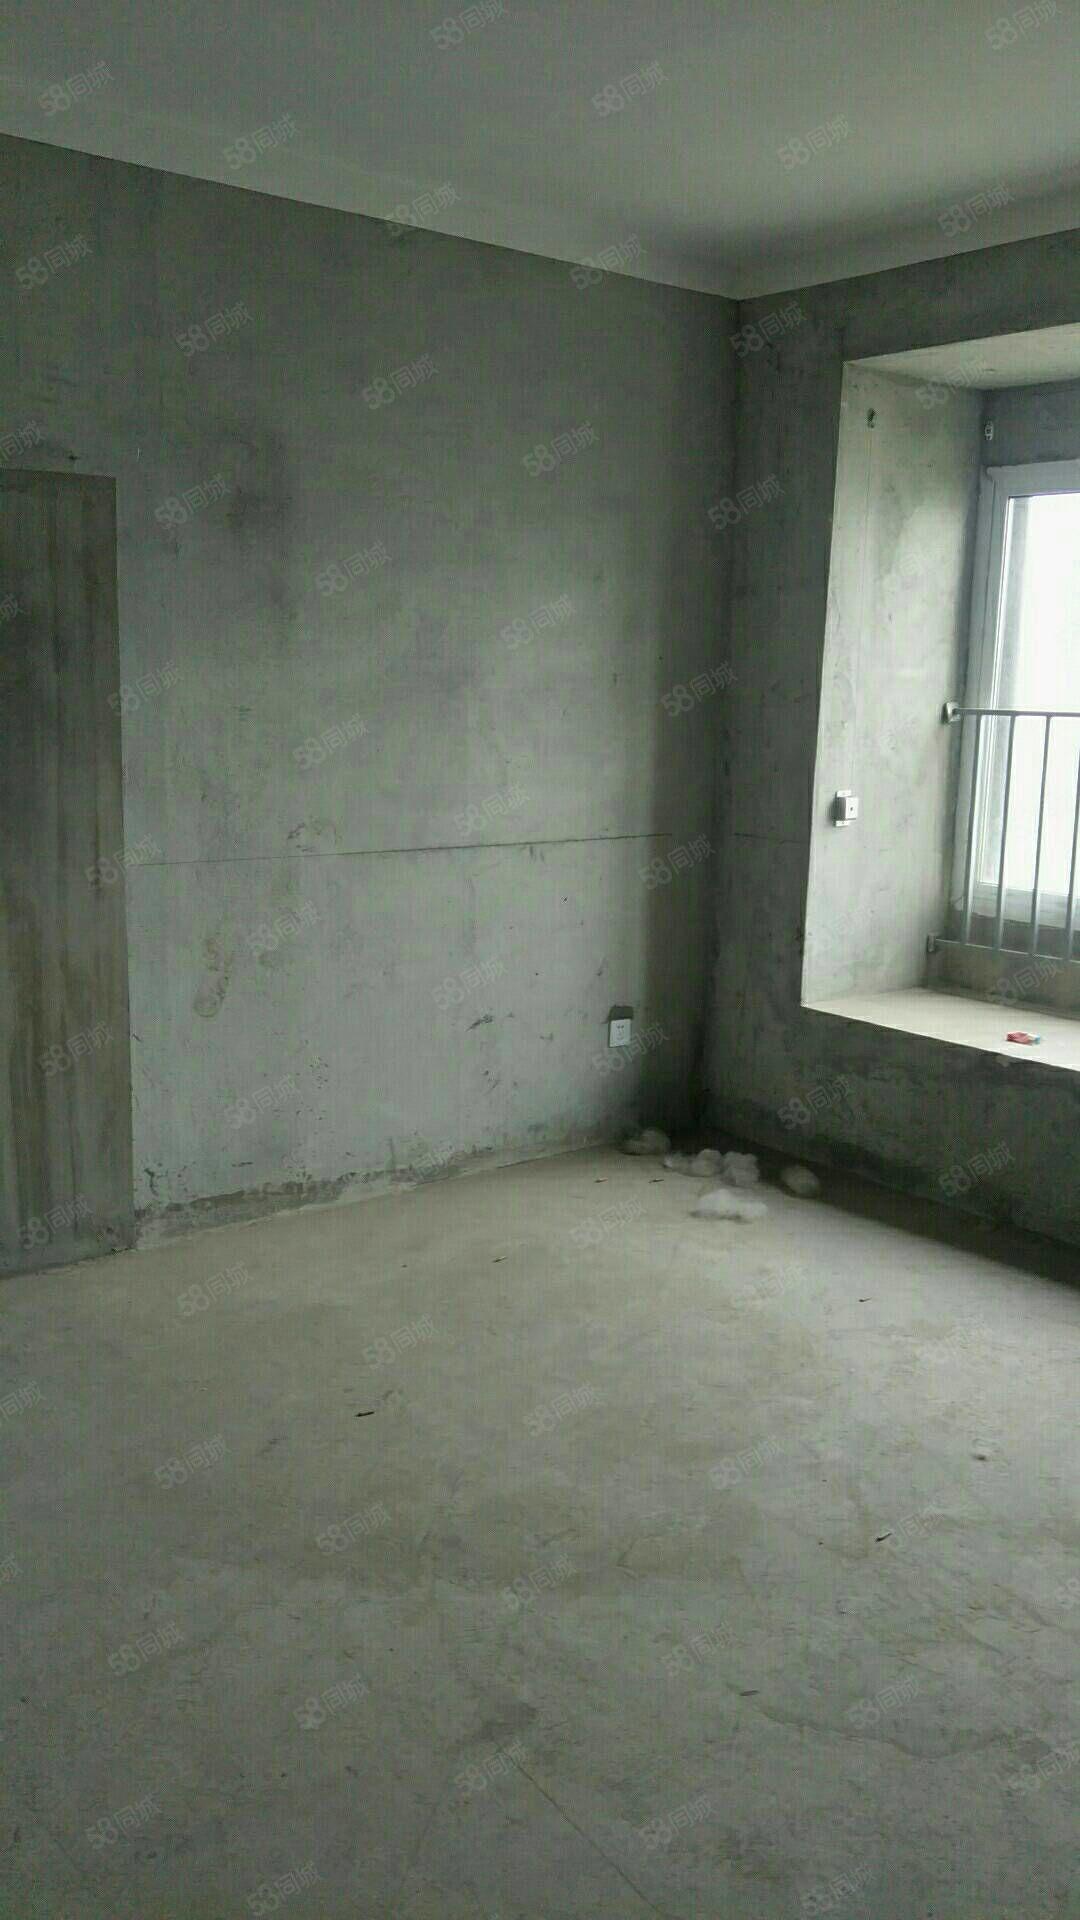 好邻居新都雅苑繁华商圈三室两厅毛坯房主挥泪急出售